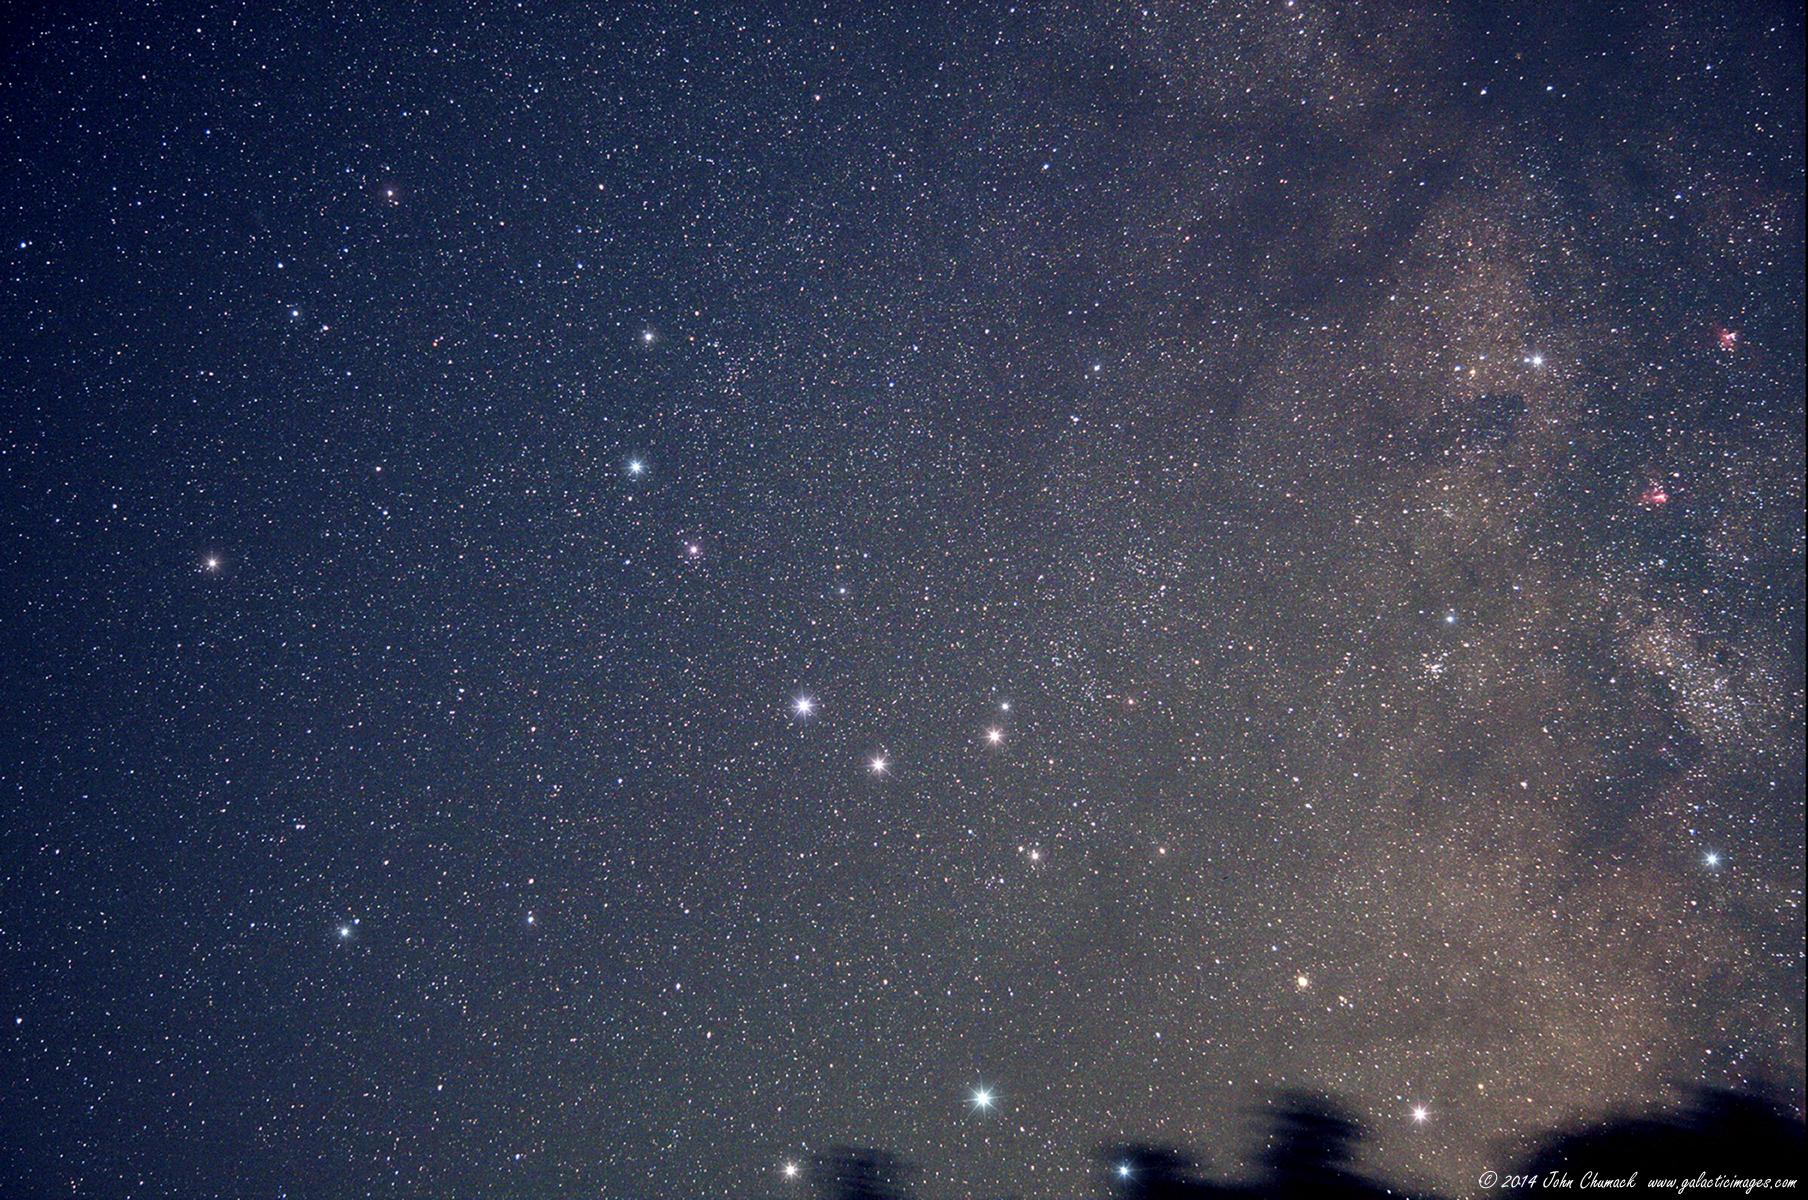 Stargazer Spots Pluto Amid Sagittarius Stars (Photo)